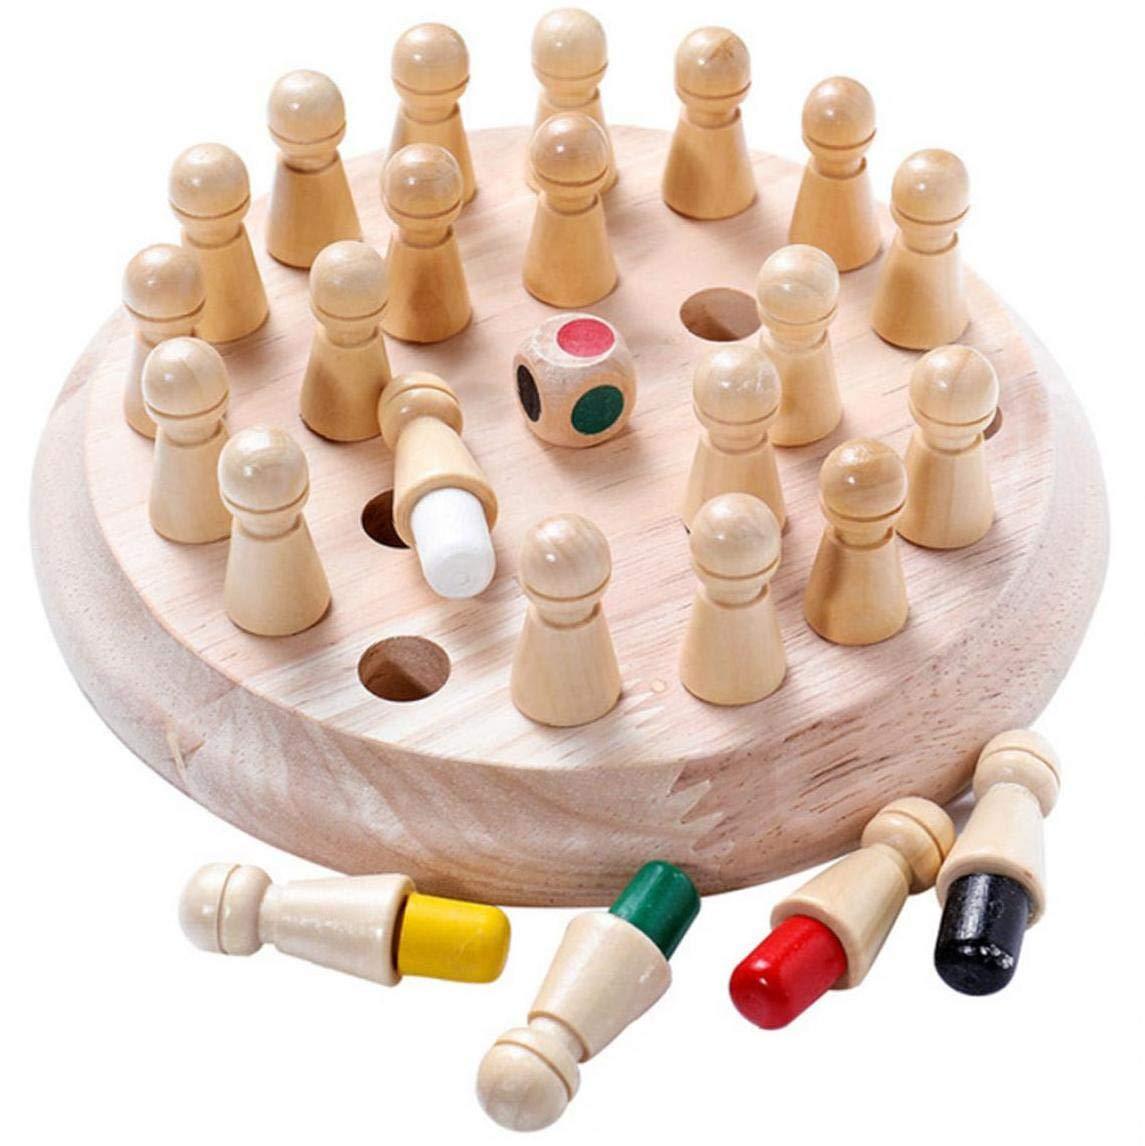 Madera Juego De Memoria Partido, Regalos Herramienta Educativa Brain Training Inteligencia Juegos De Mesa Familiar Para Niños Y Adultos: Amazon.es: Juguetes y juegos